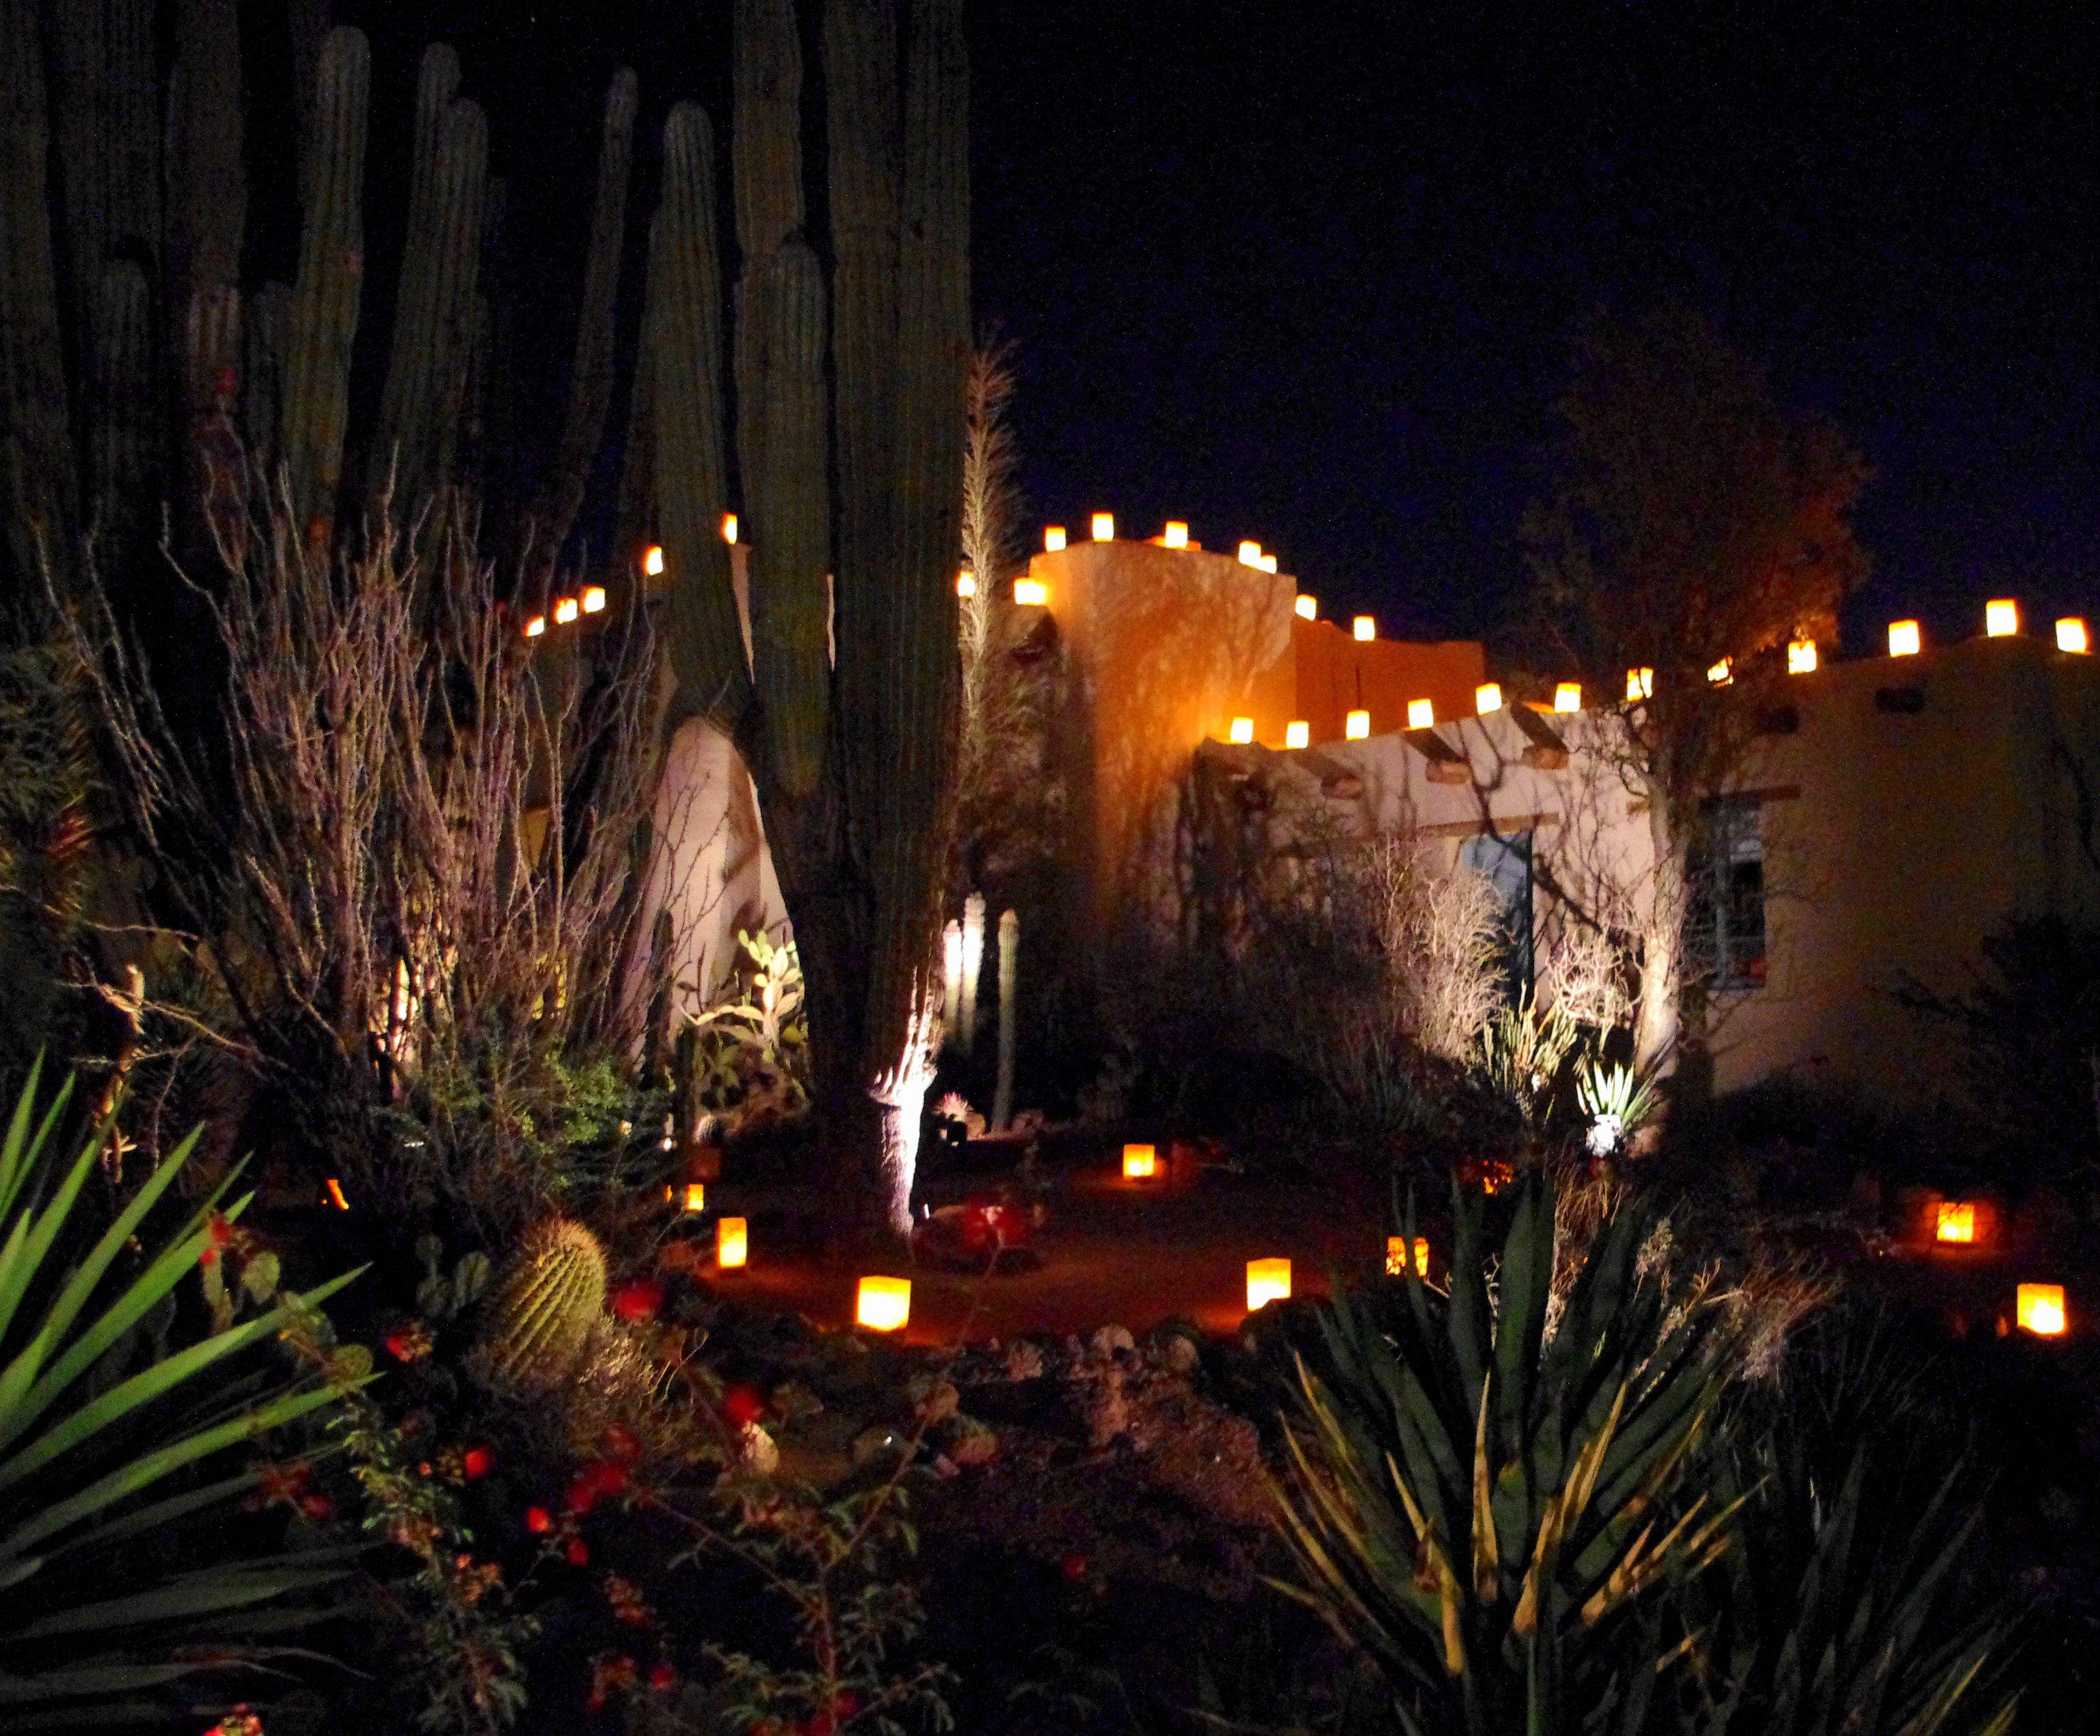 A wonderful evening during los noches de las luminarias